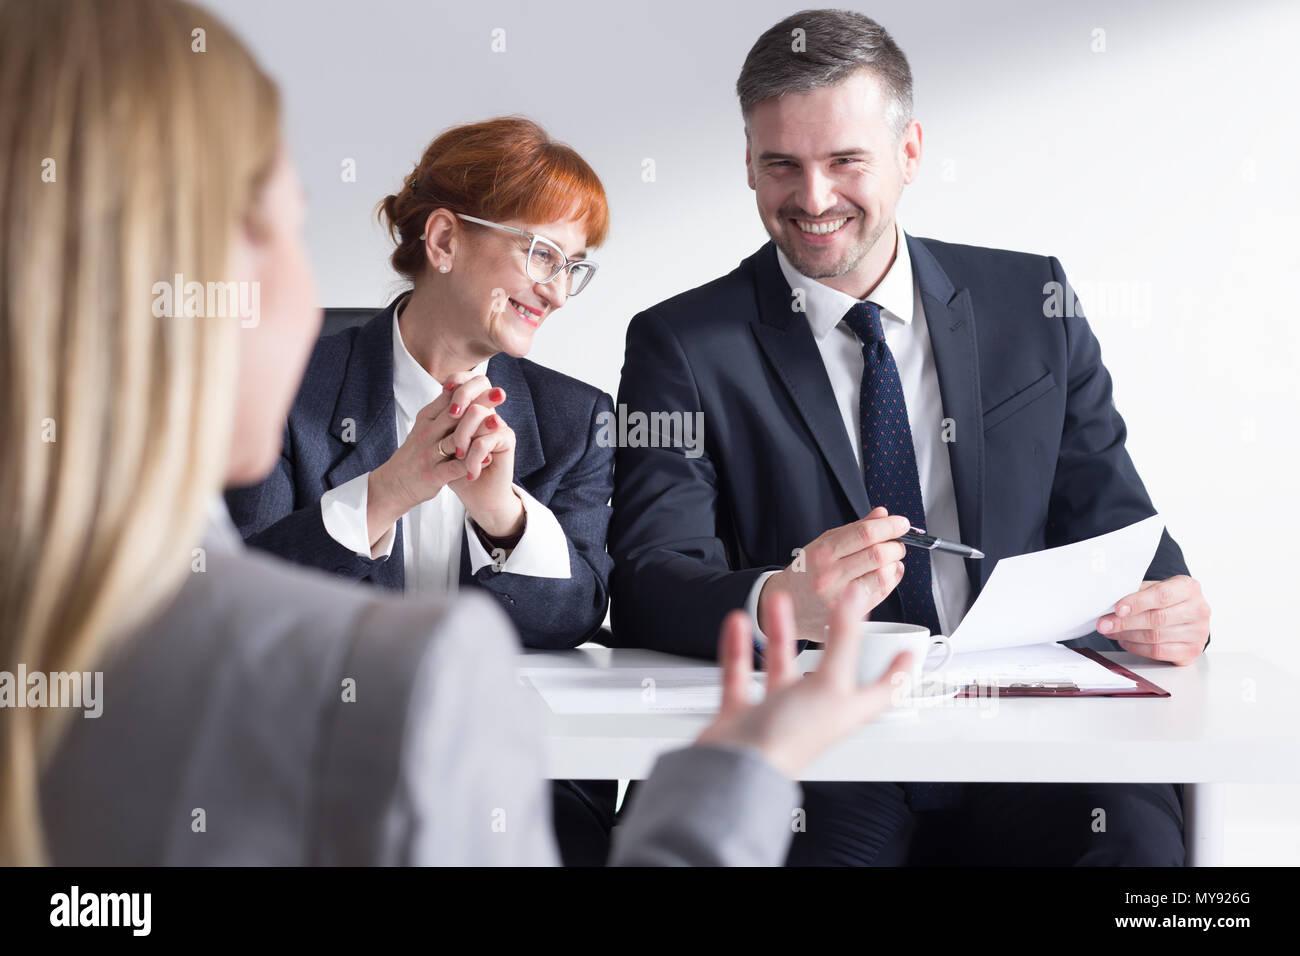 Candidato de trabajo vista posterior y dos elegantes los empleados corporativos Imagen De Stock